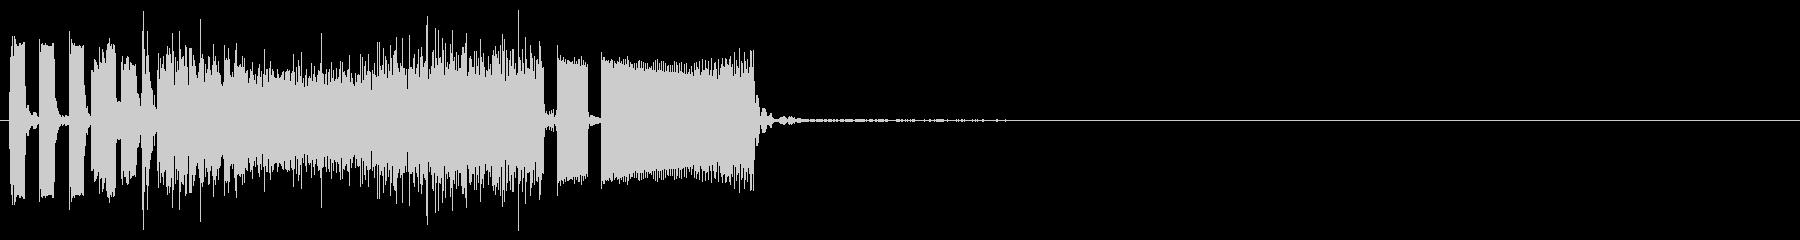 クイックビープ音の未再生の波形